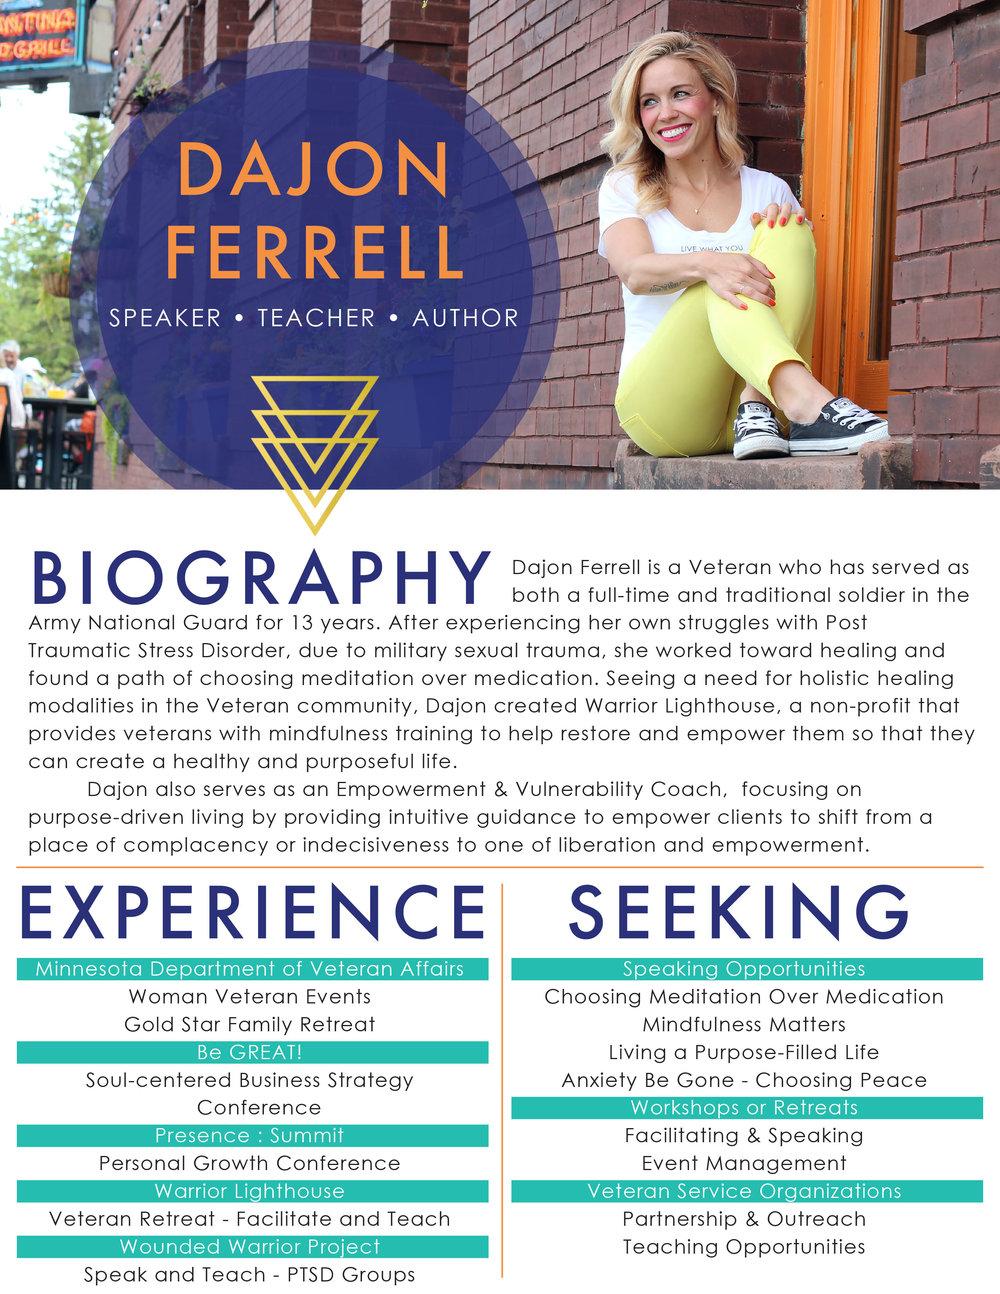 Dajon Ferrell Speaker Sheet2.jpg